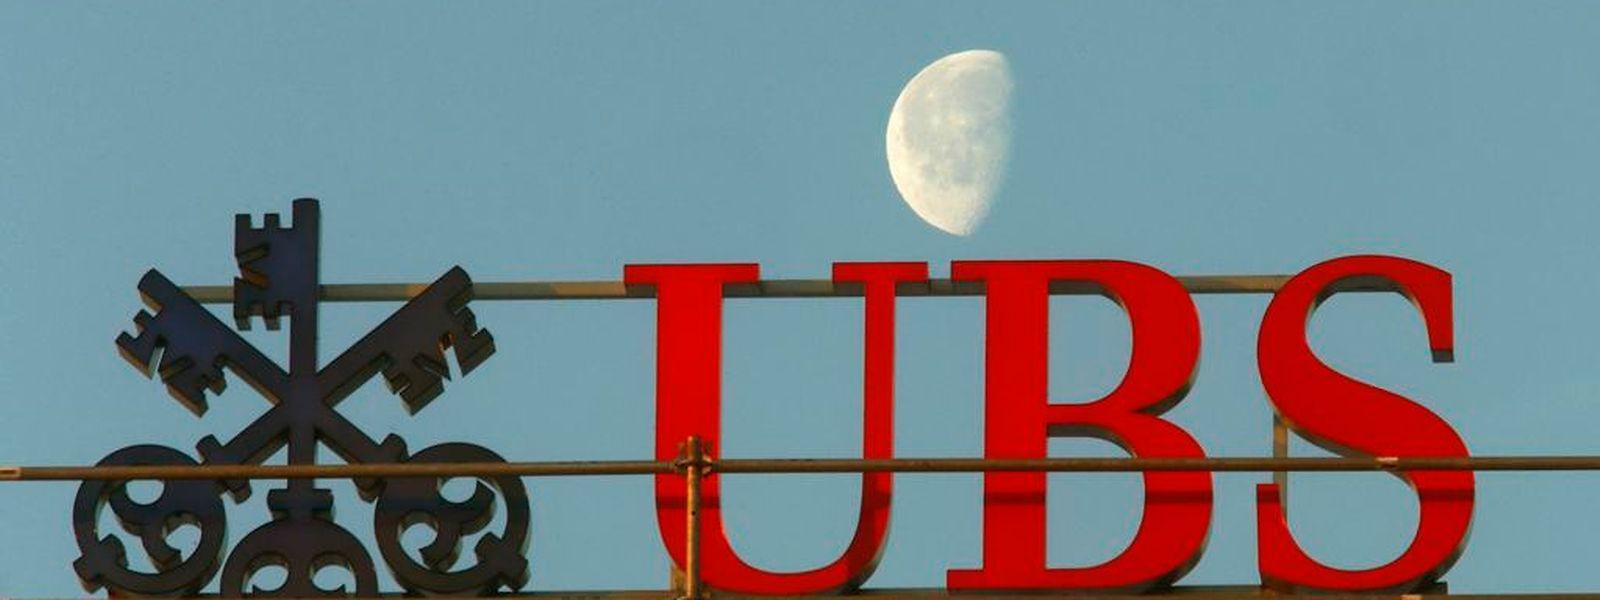 UBS plant den Aufbau einer auf das Vermögensverwaltungsgeschäft fokussierten Europa-Bank.  (Foto: Reuters)